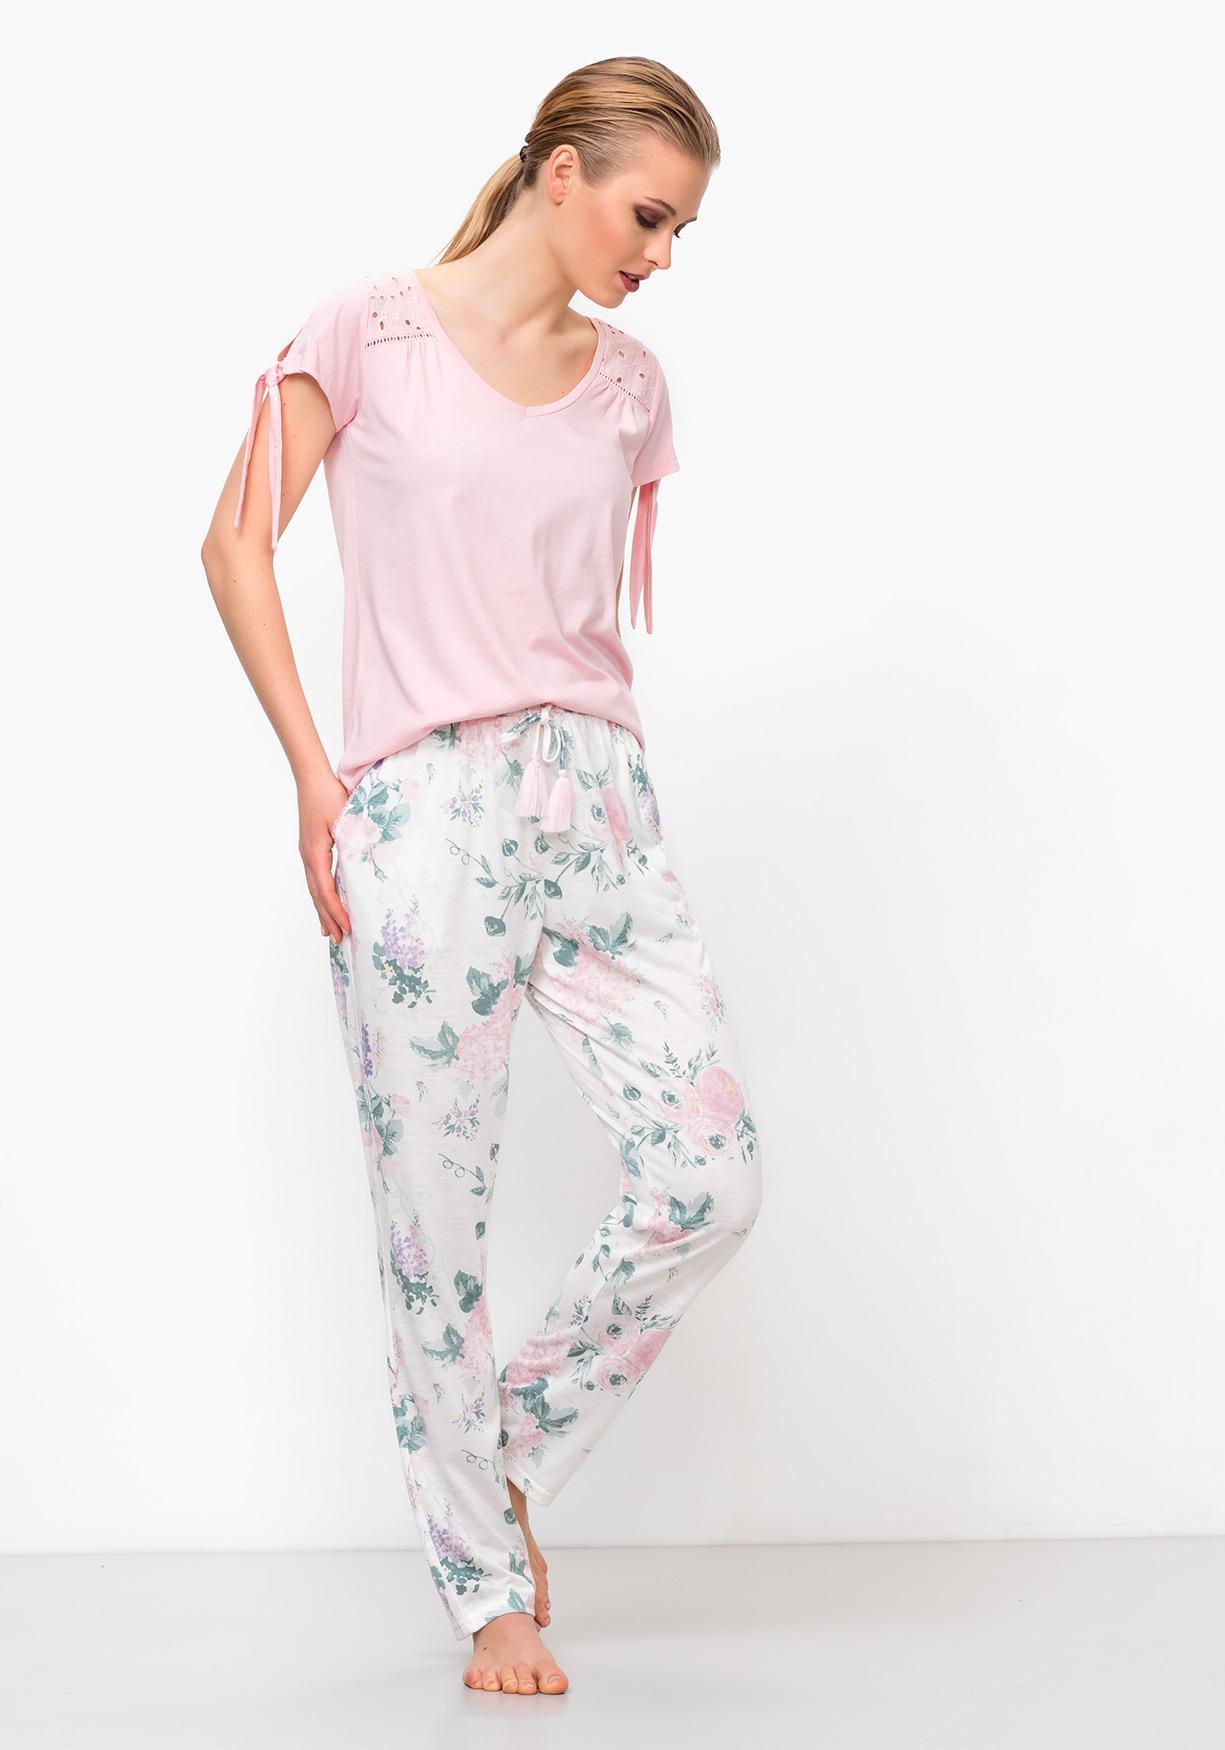 Comprar Pantalón lencería de mujer TEX. ¡Aprovéchate de nuestros ... 1abf35116dd6